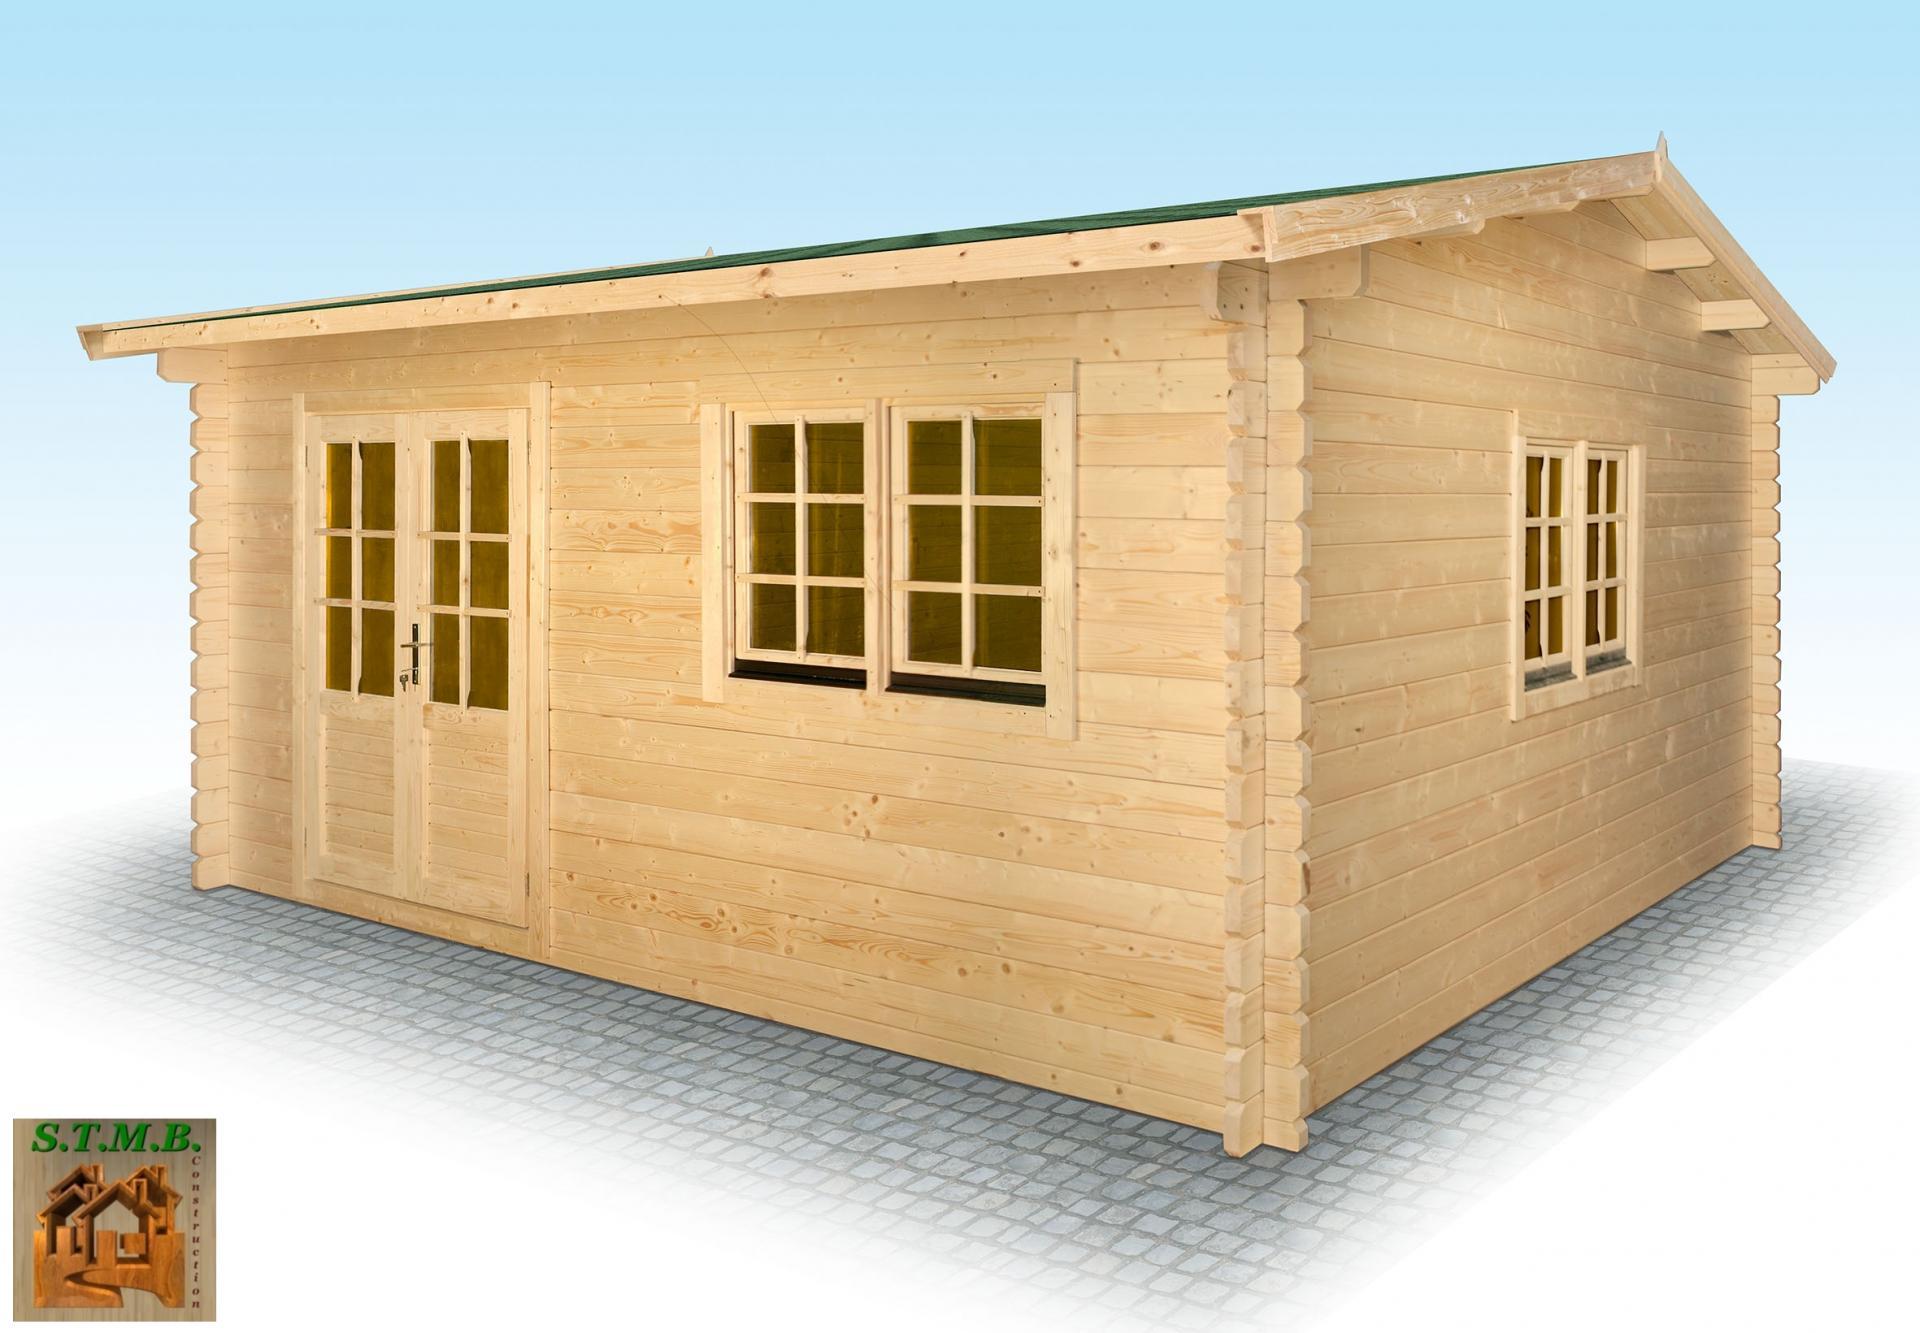 Construction Bois Kit : Chalet en bois en kit mod?le Hiba 25 m2 en madriers de 44 mm